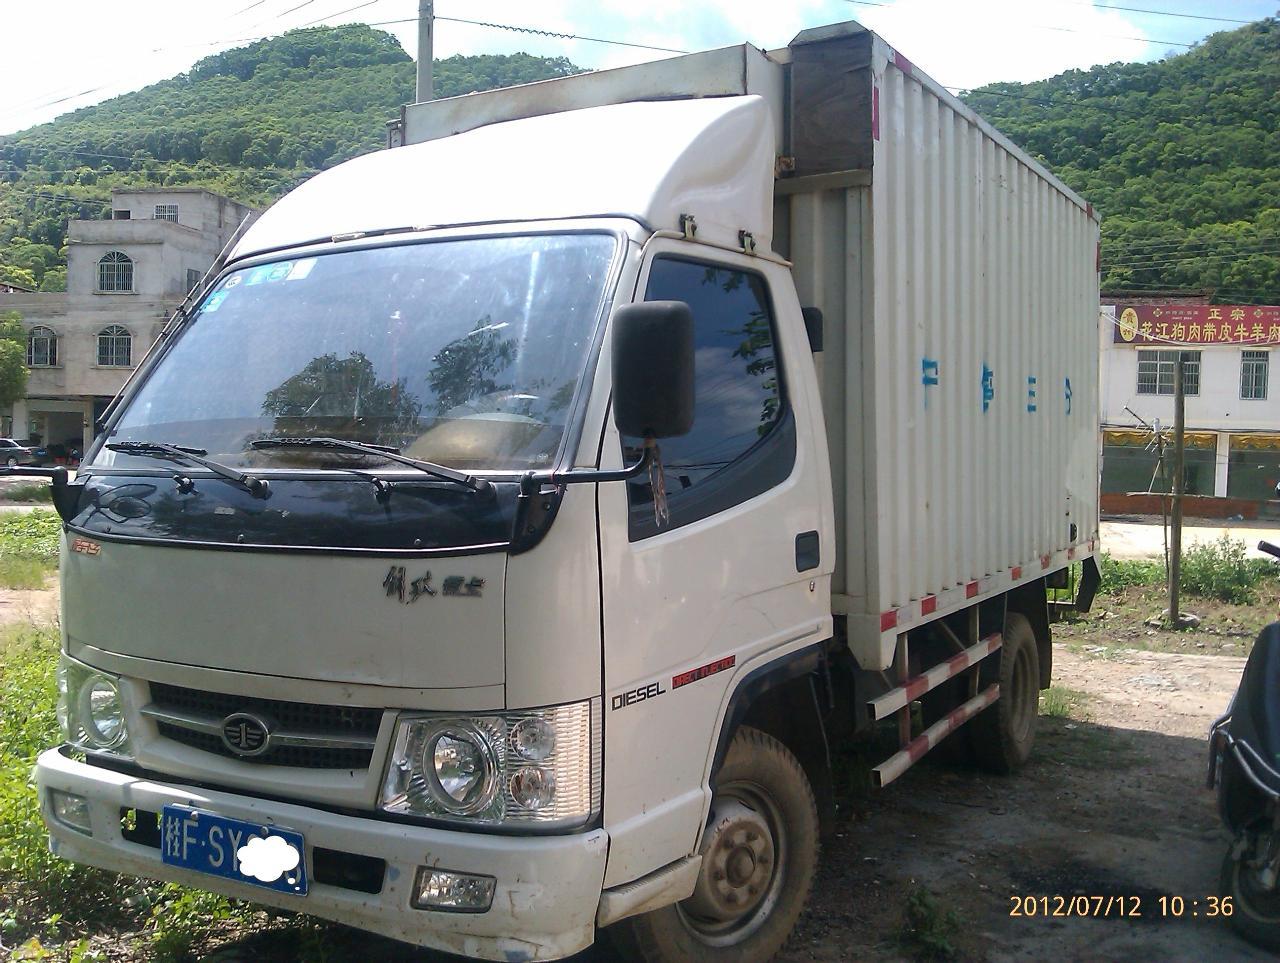 轻卡 空车待货或长期合作拉货